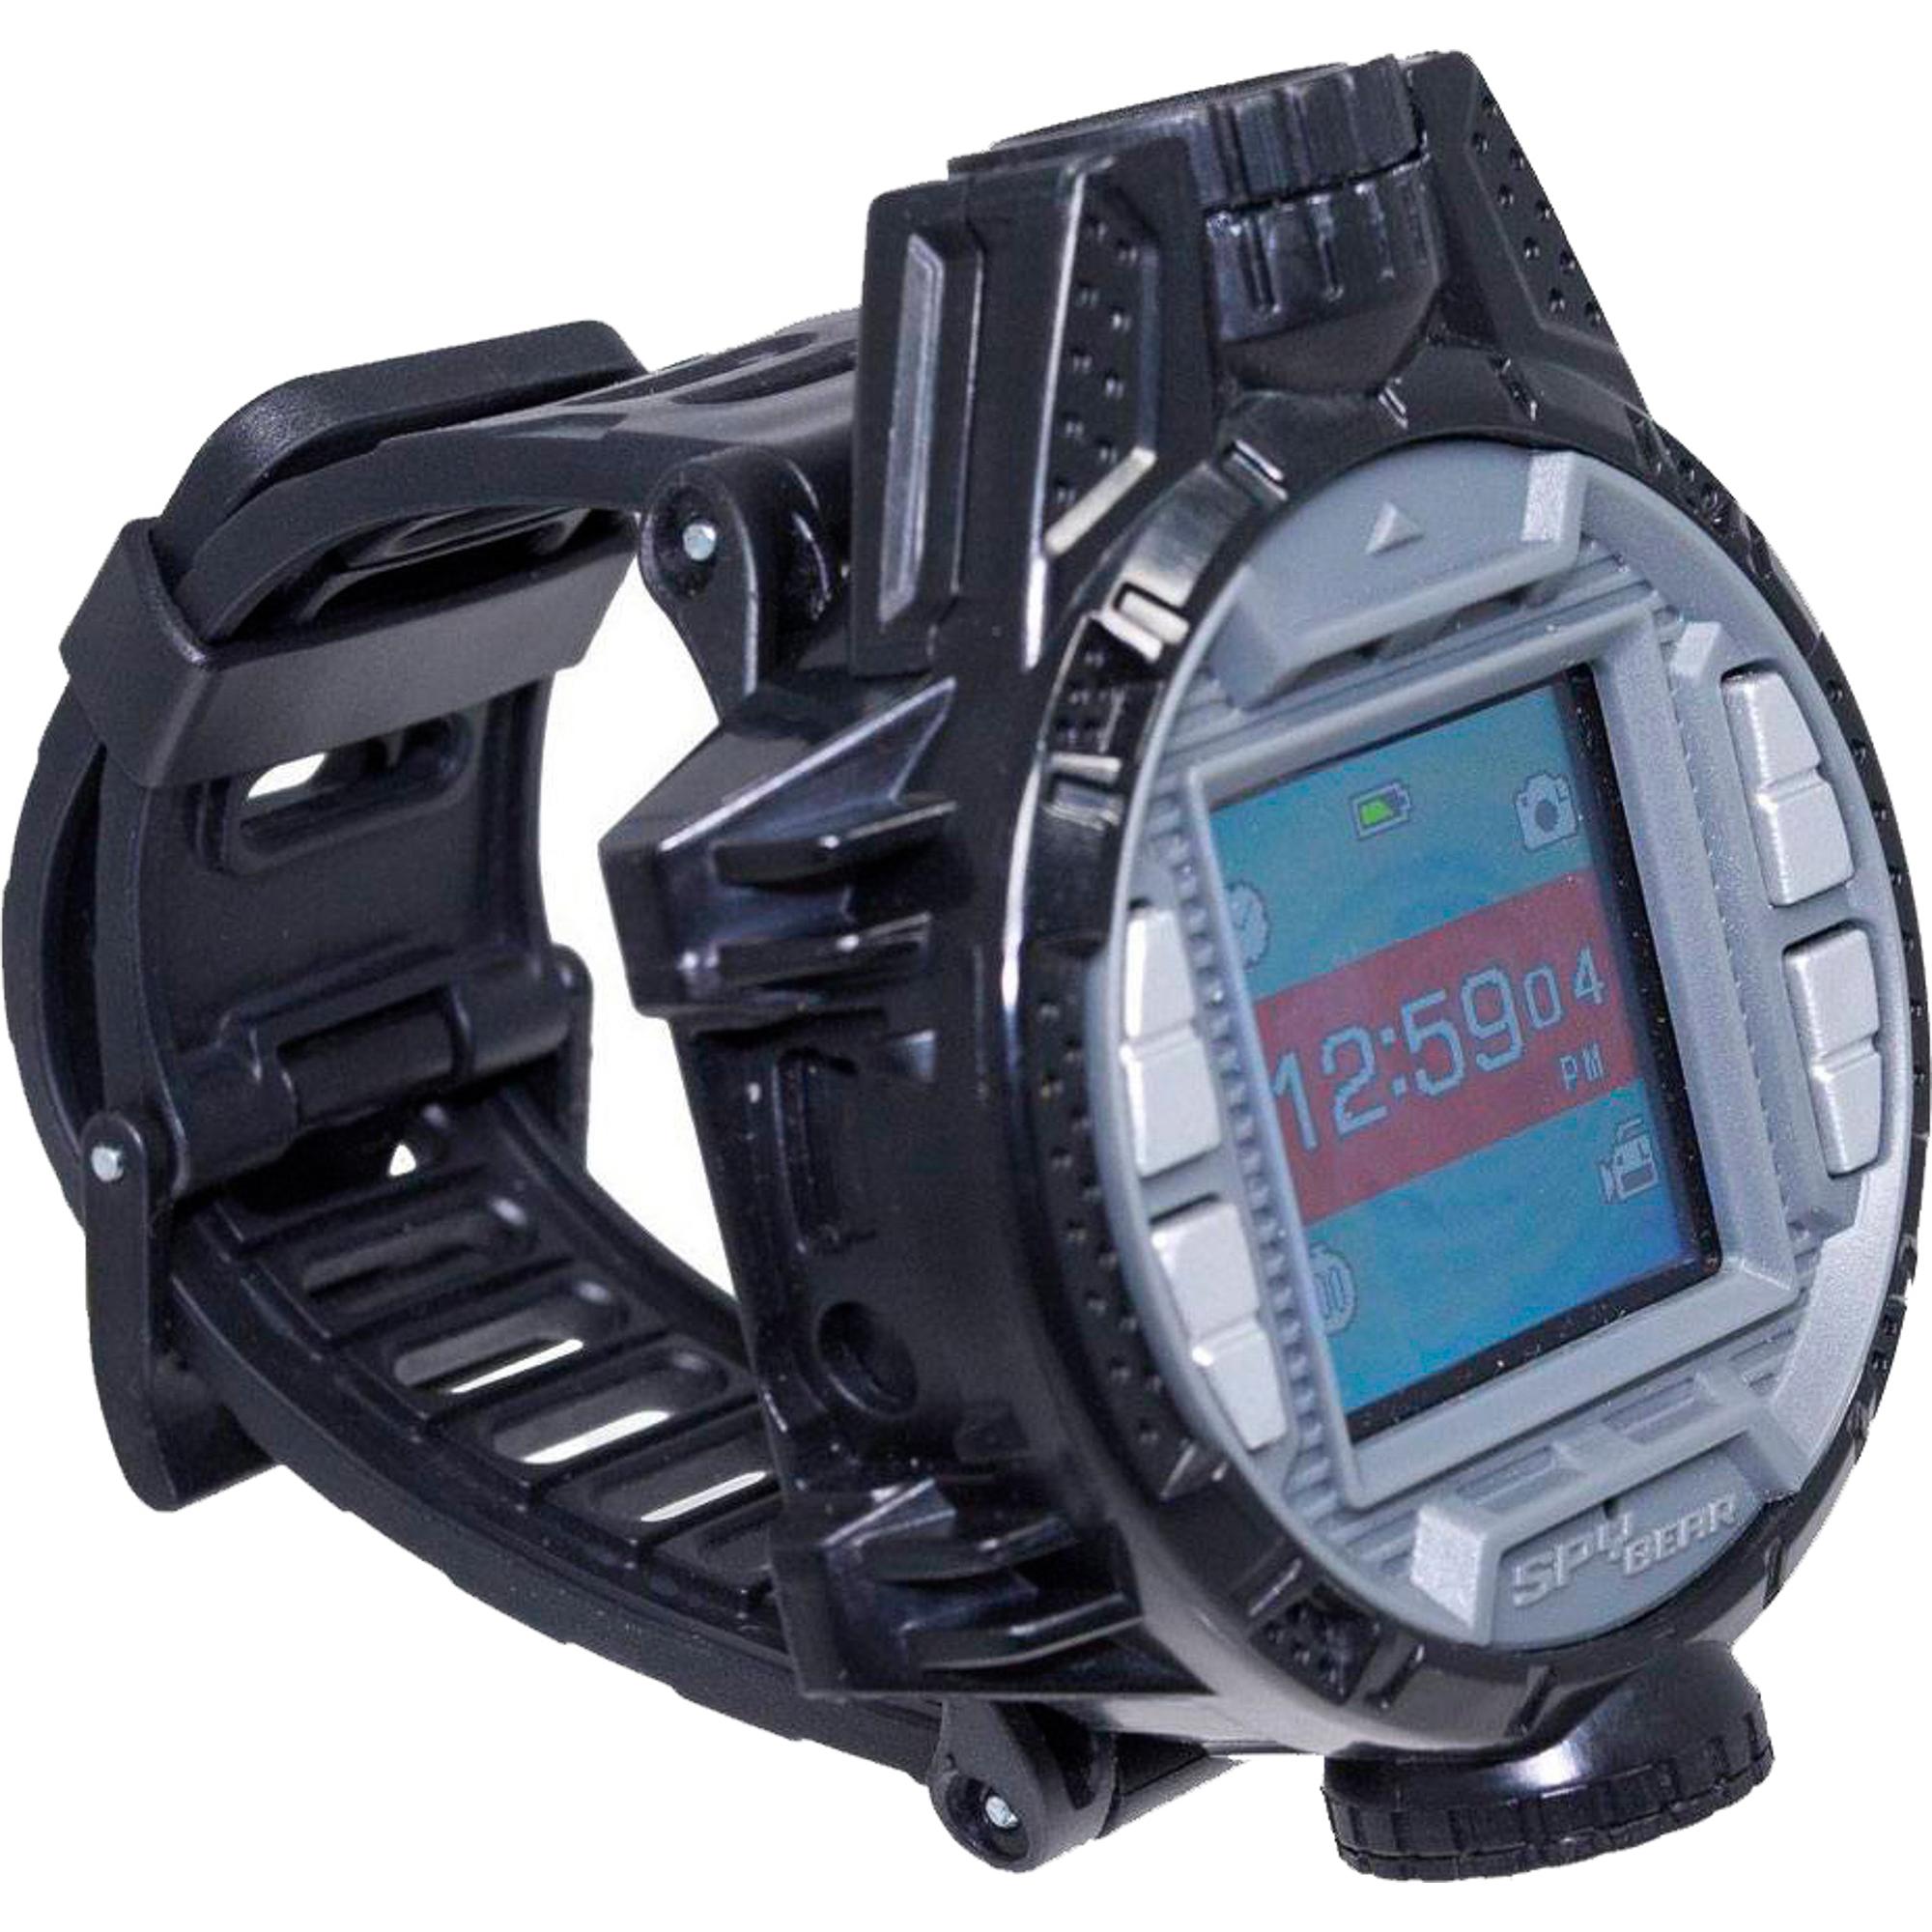 Игровой набор Spy Gear Шпионские видео часы фото